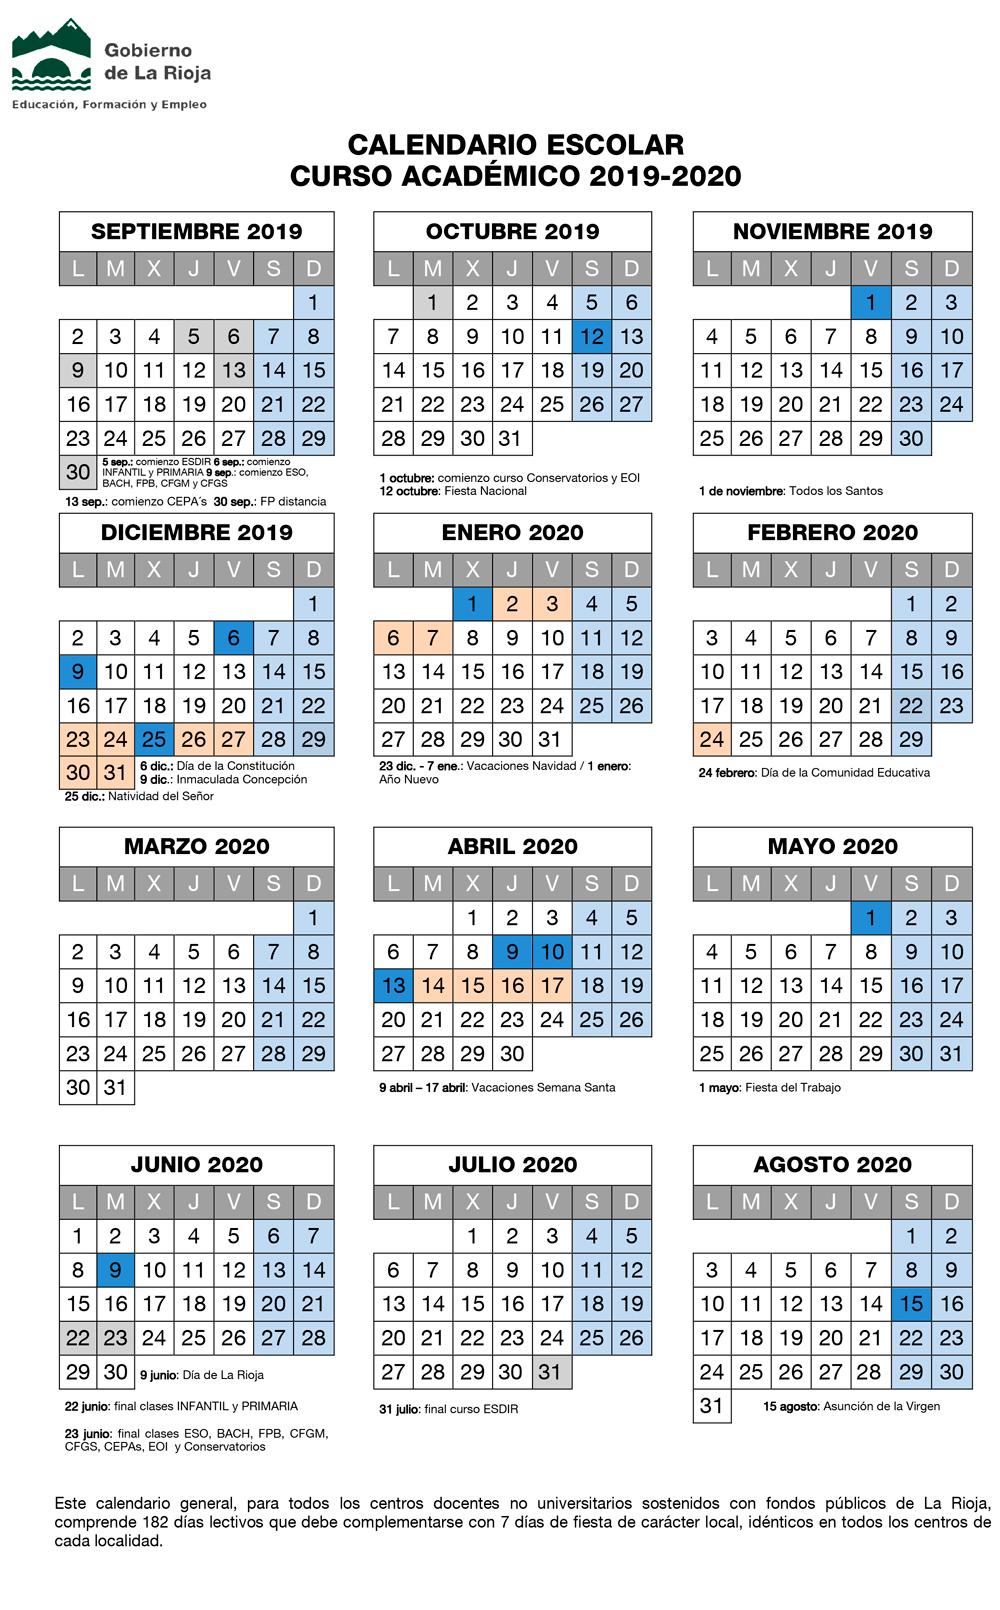 Calendario 2020 Espana Con Festivos.Calendario Escolar 2019 2020 Concapa Rioja